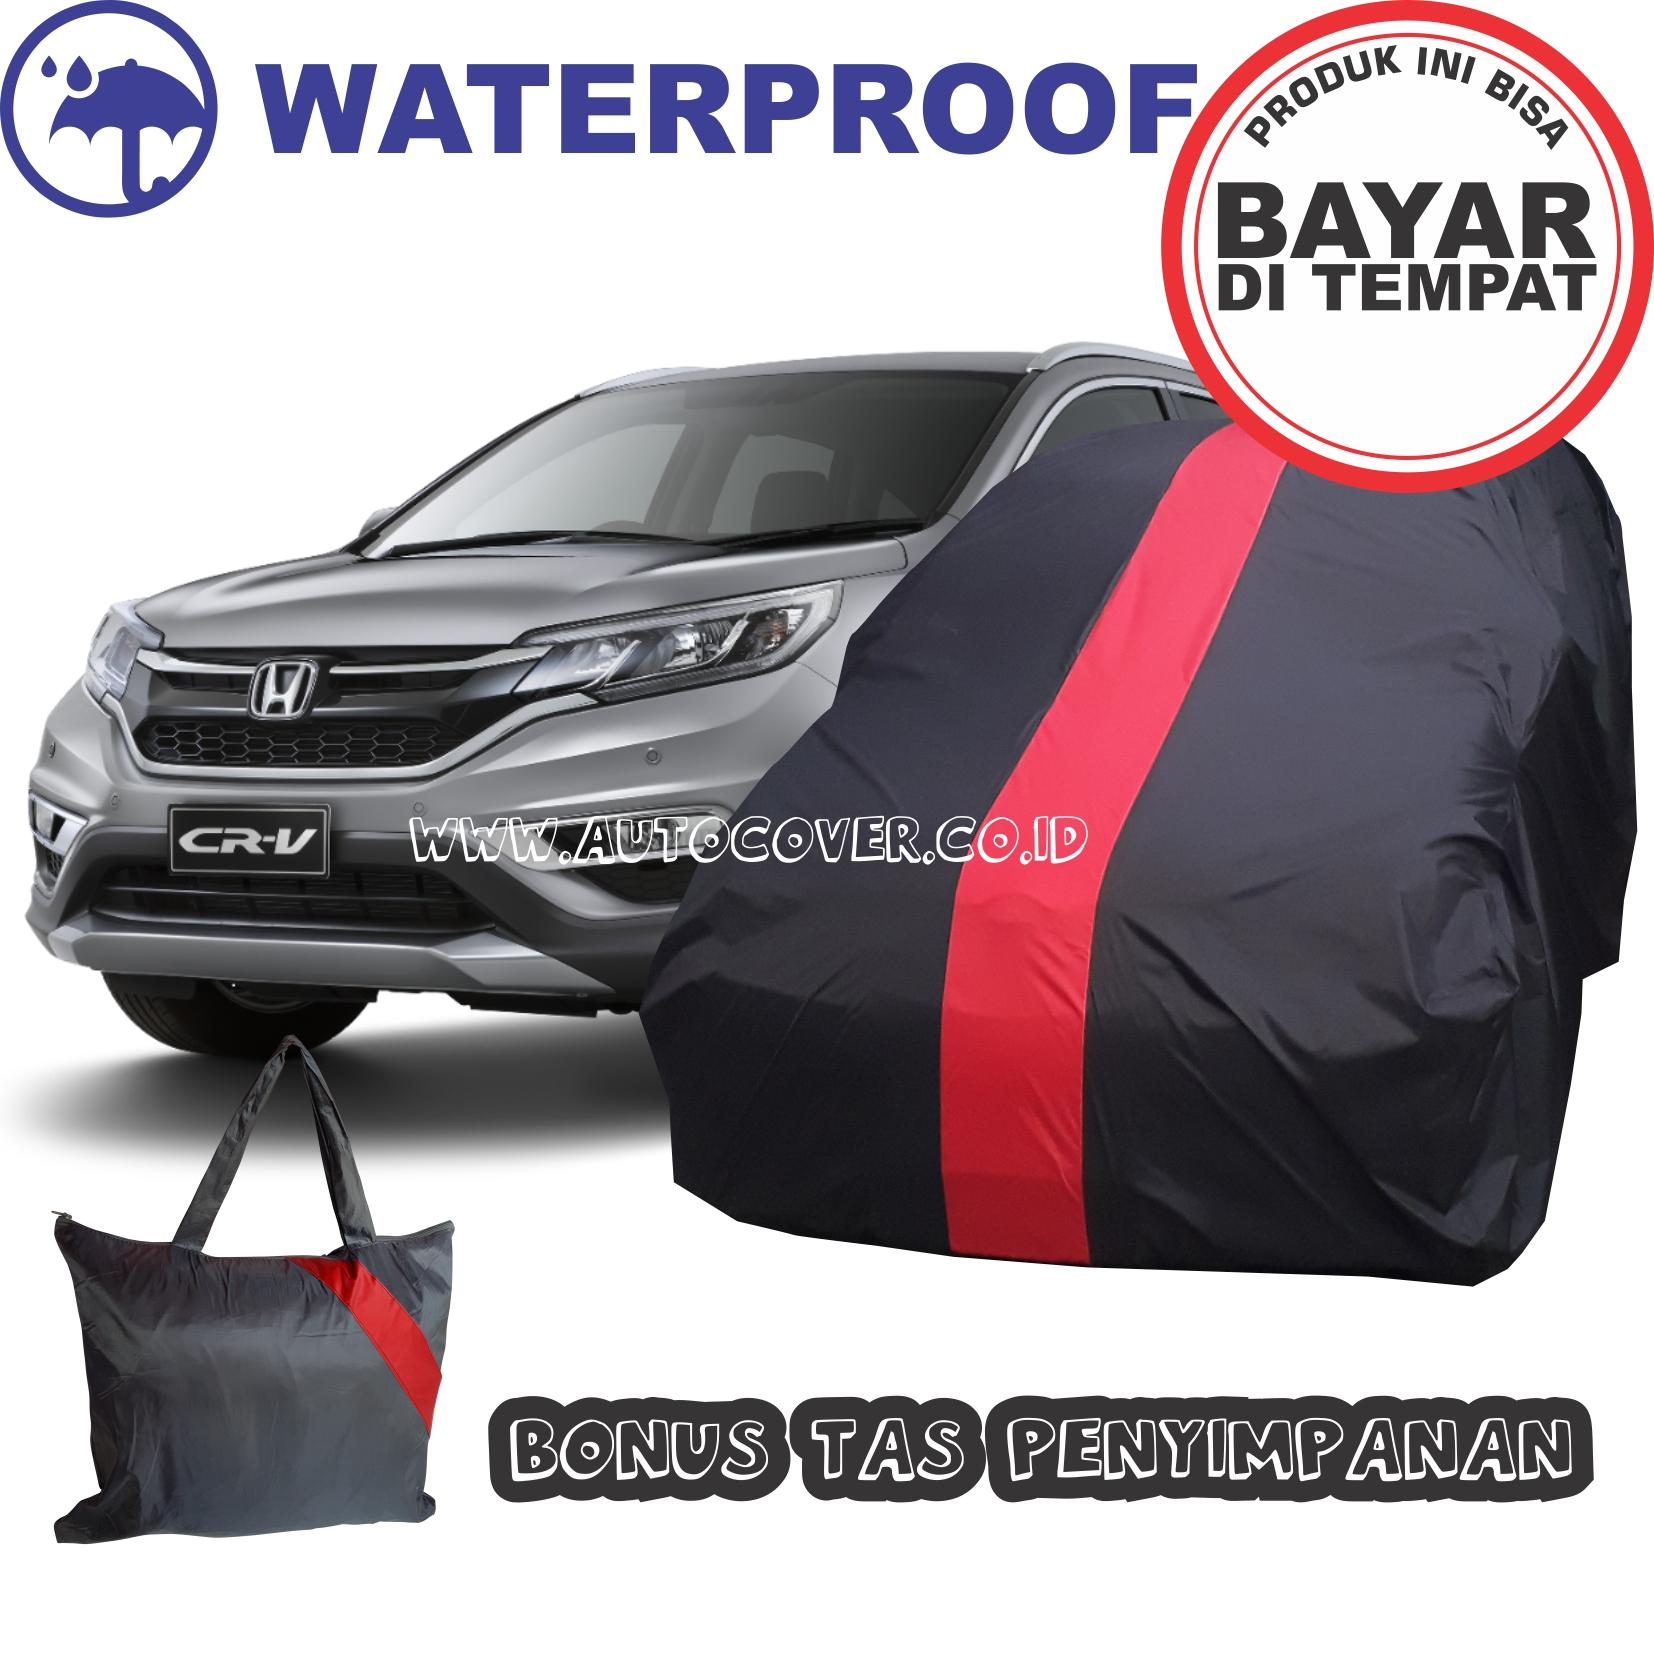 COD - Sarung Bodi Mobil Honda CRV Anti Air Cover Body CR-V MERAH  Waterproof Selimut Penutup Pelindung Selimut Mantel Anti Luntur Anti Lecet